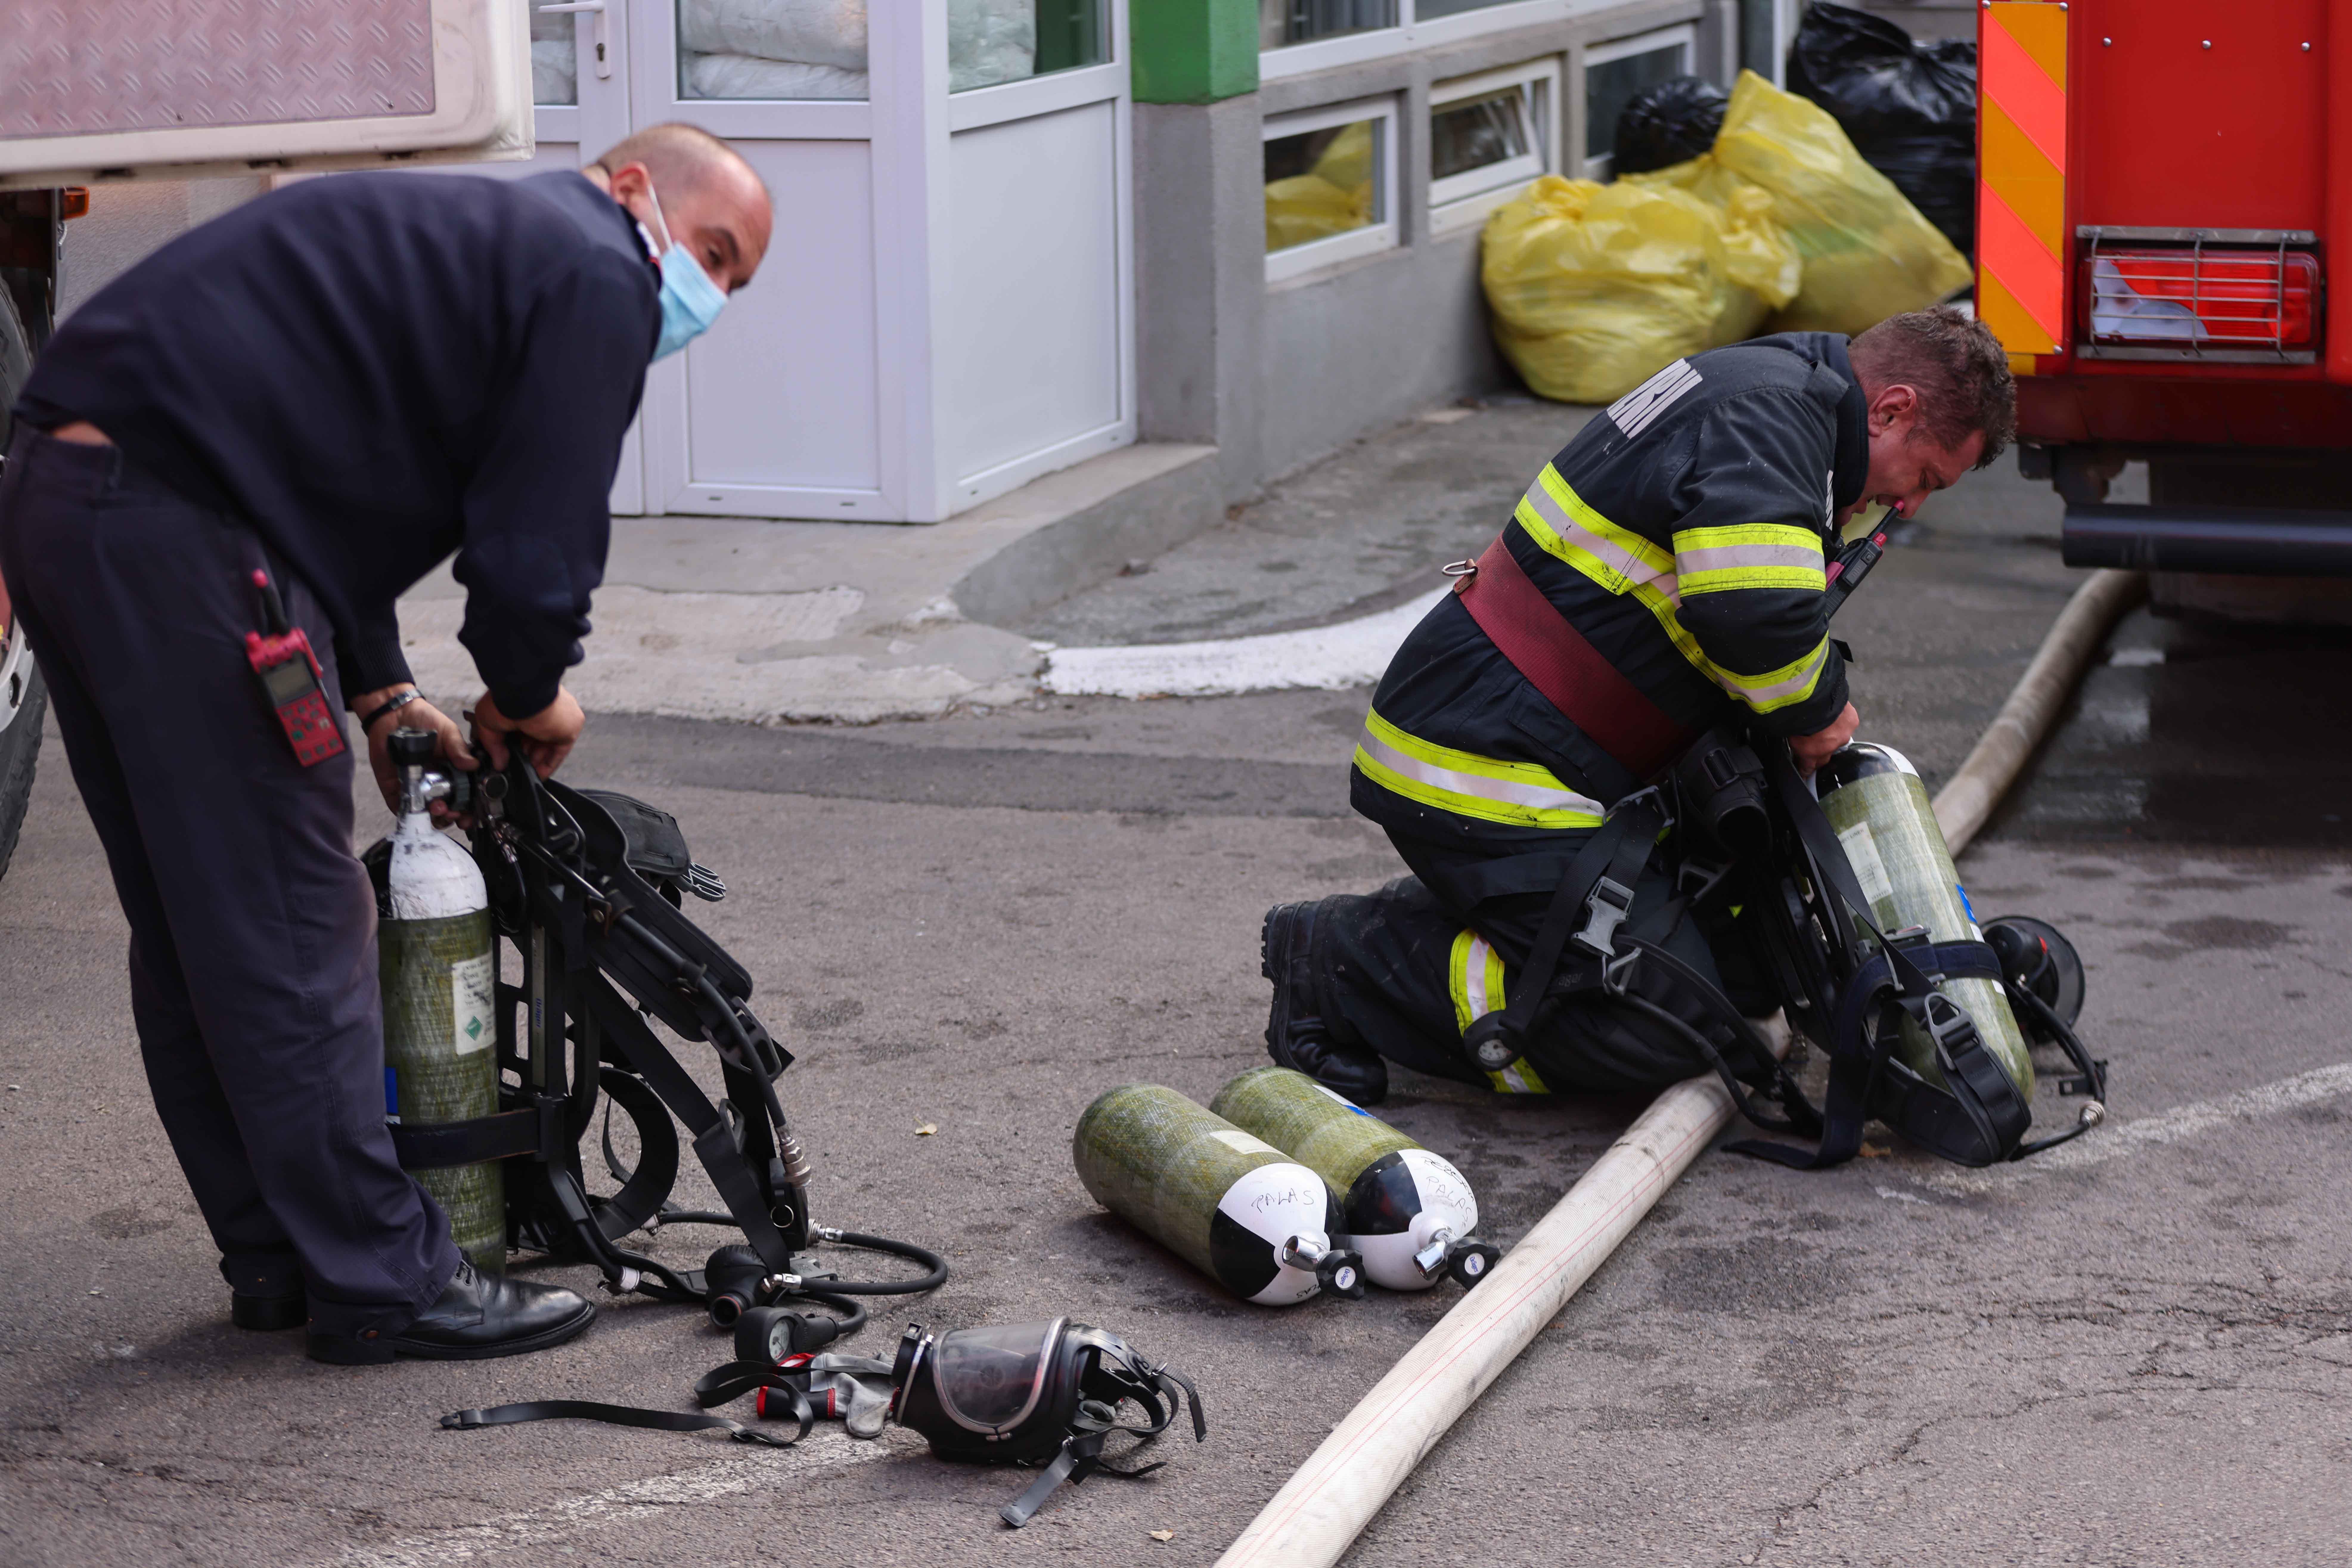 STS anunță câte apeluri au fost date în legătură cu incendiul de la Constanța